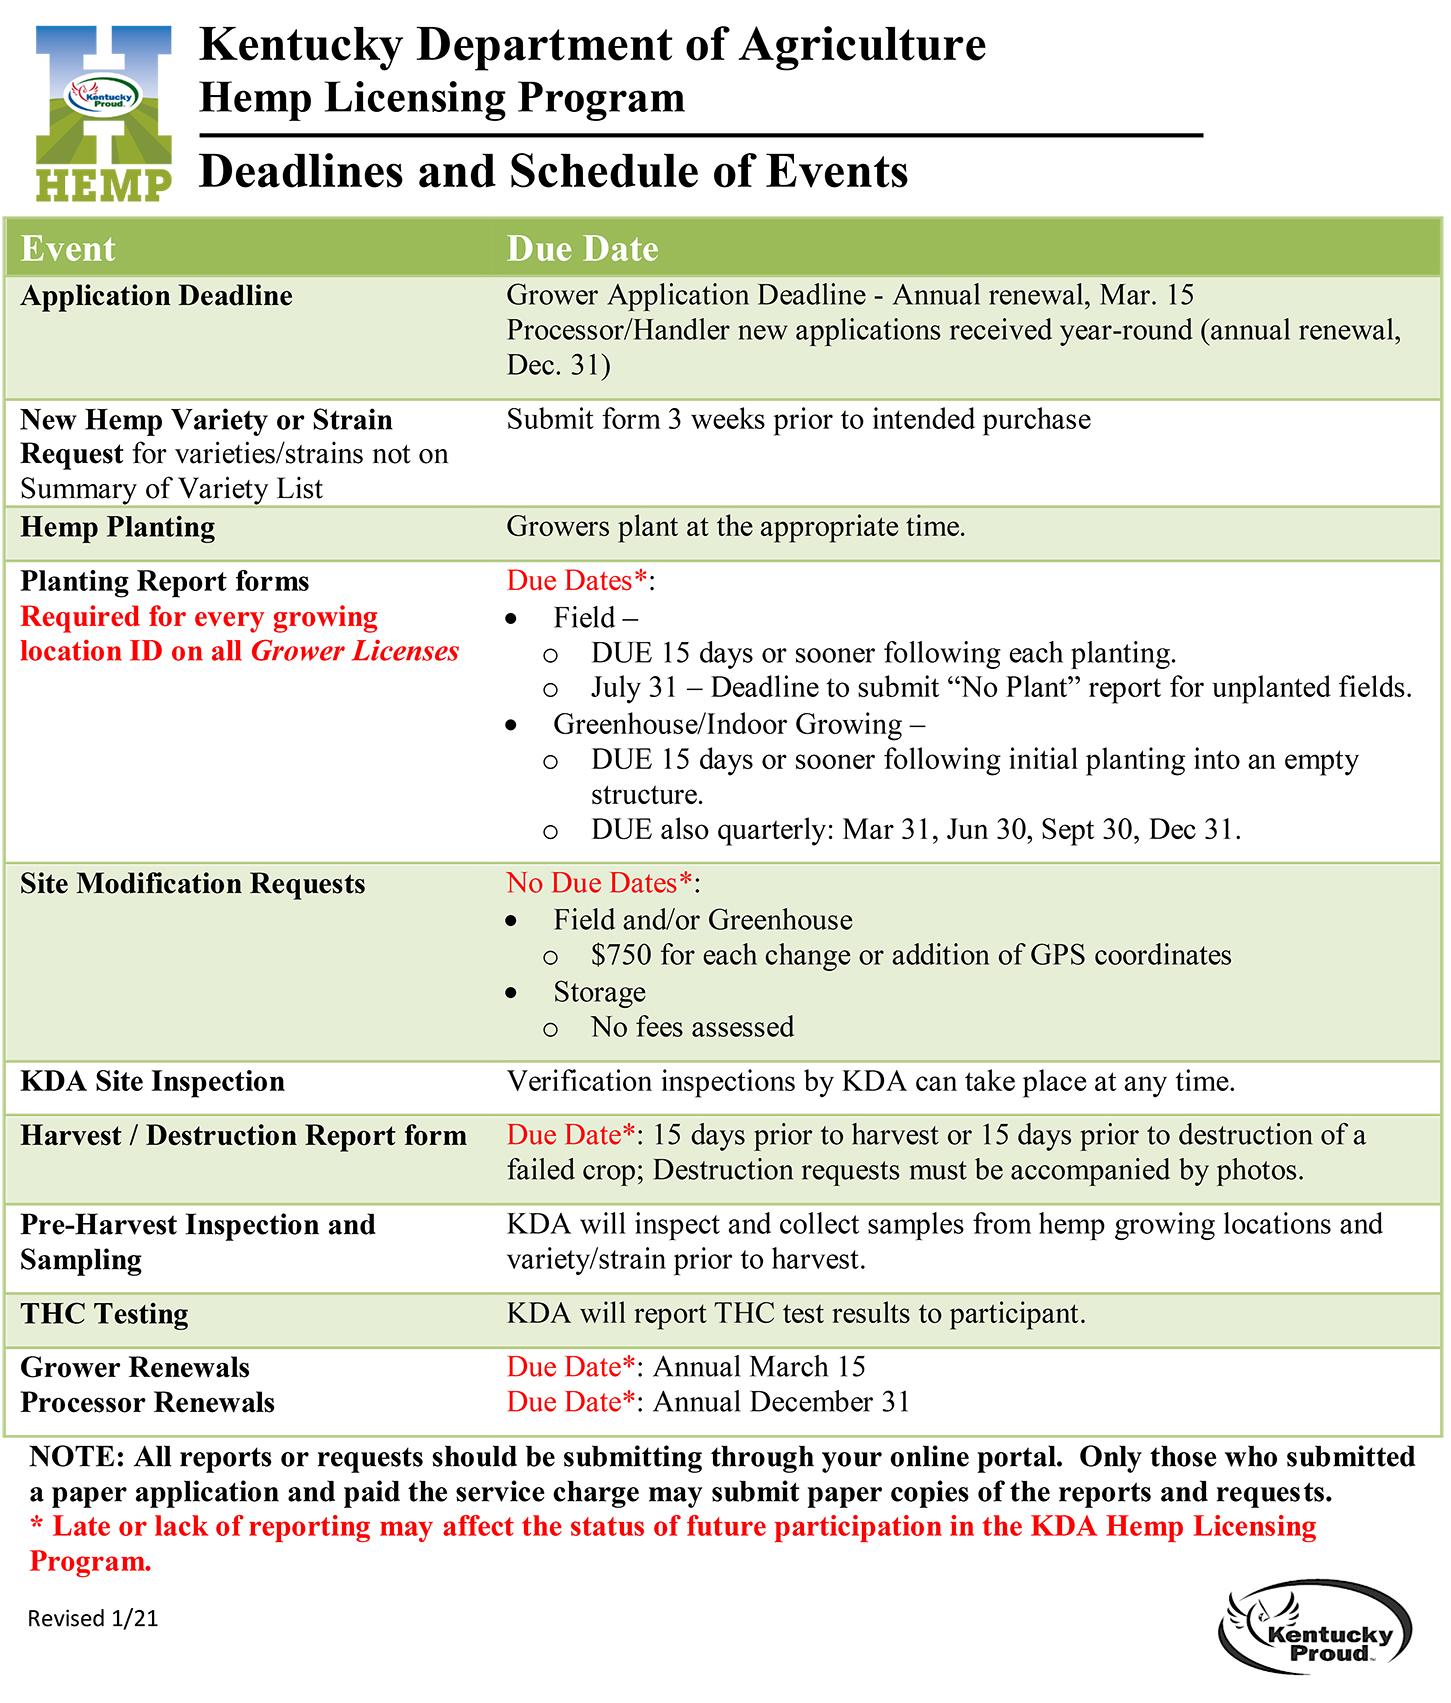 deadlines & schedules